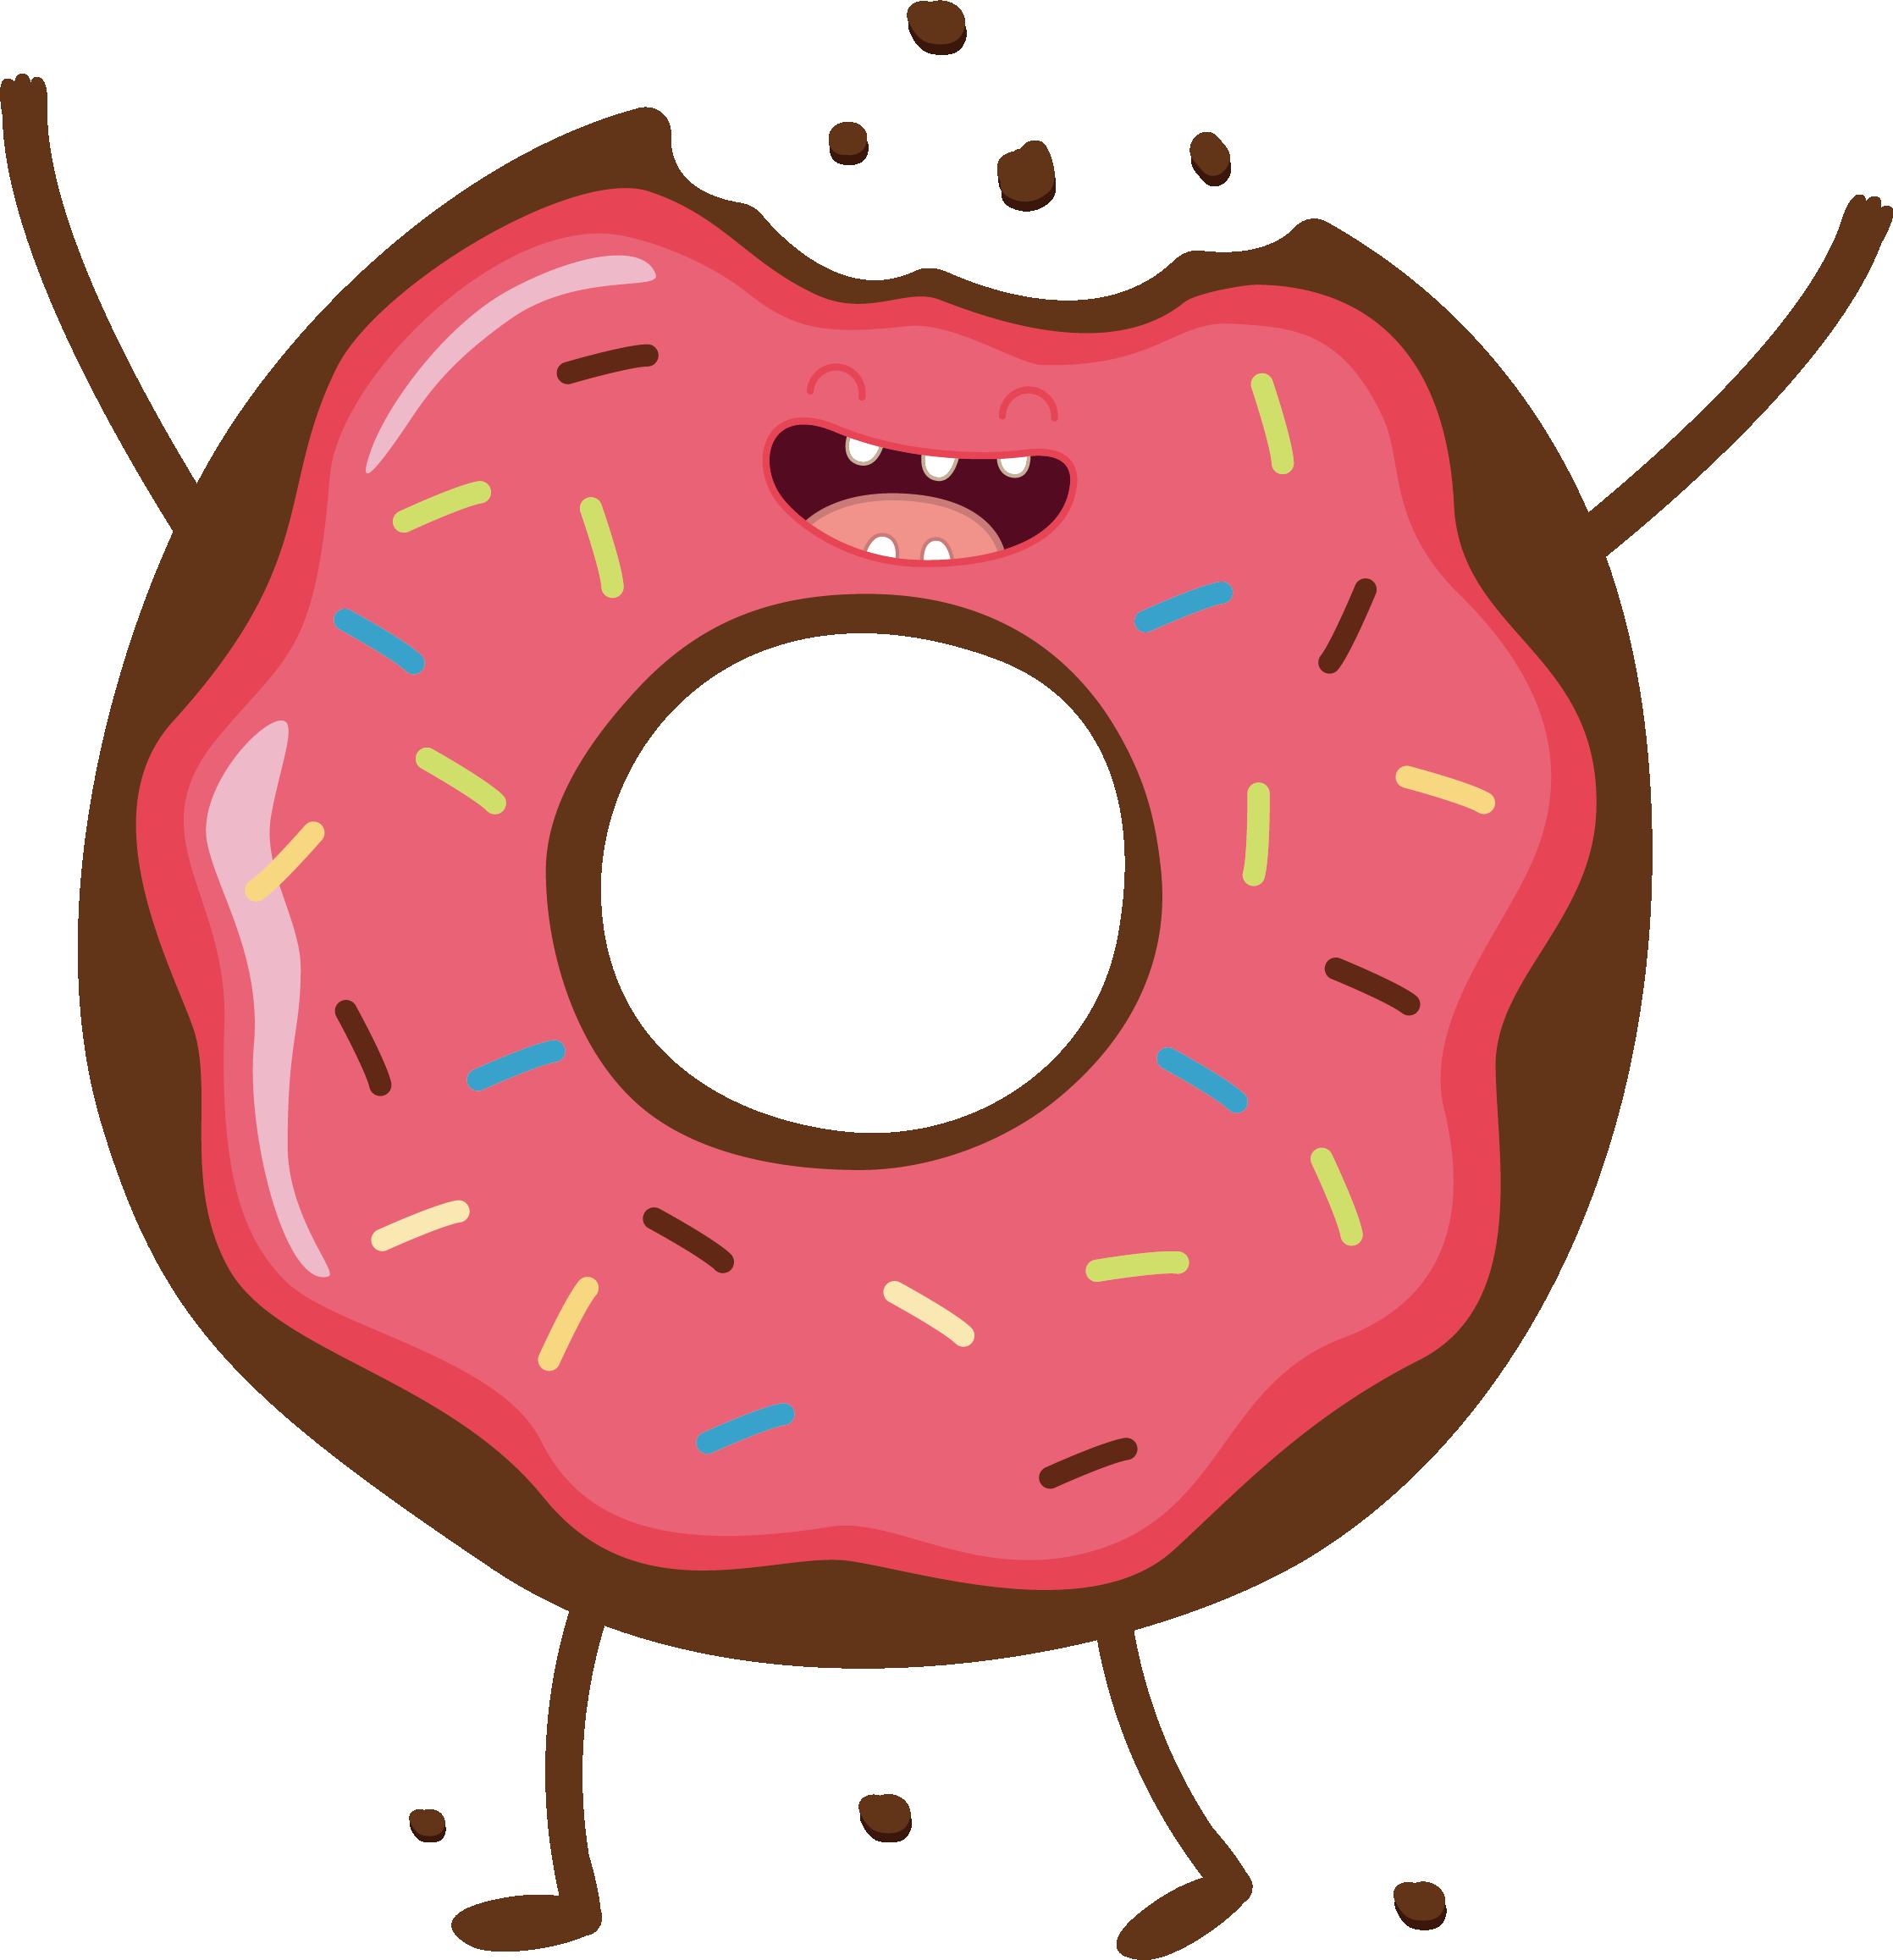 Заказ миасс, смешные картинки пончик